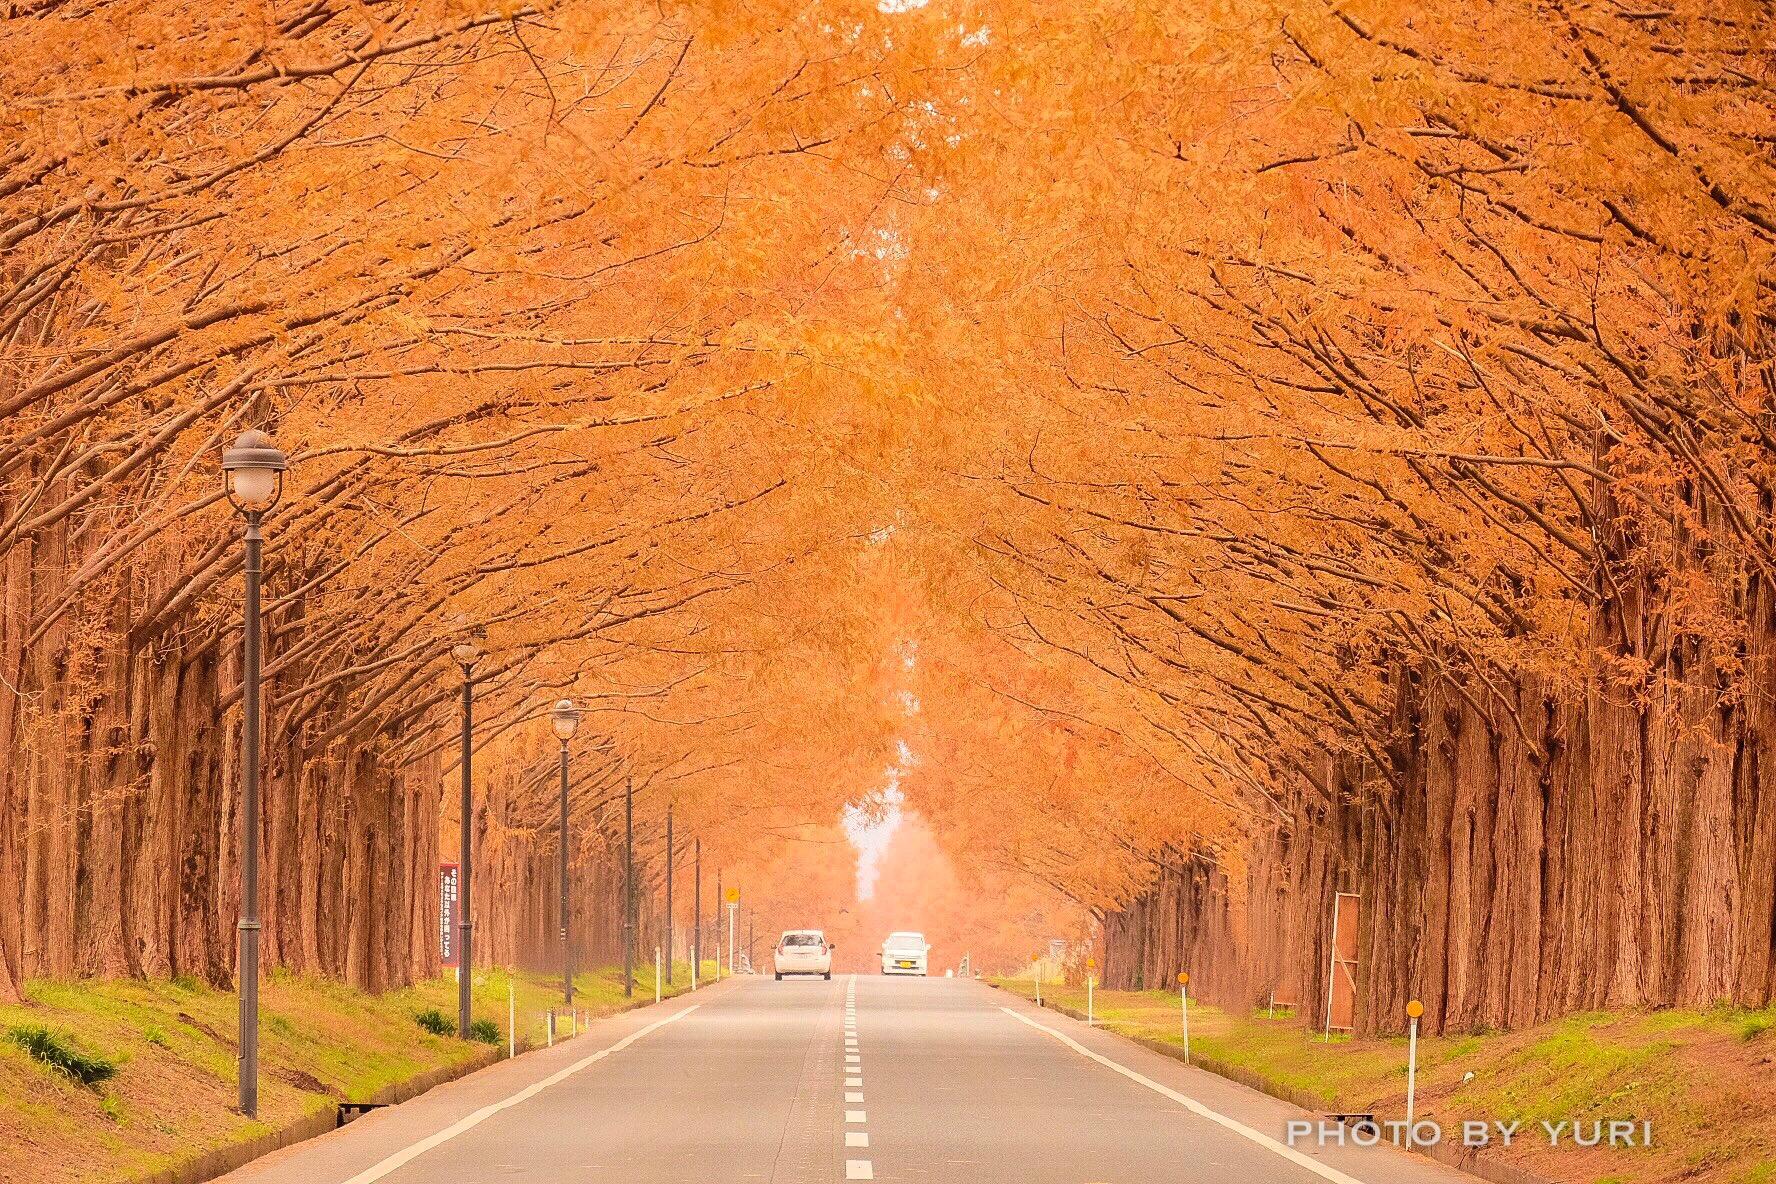 紅葉の絶景を撮影!メタセコイア並木には望遠レンズを持っていこう